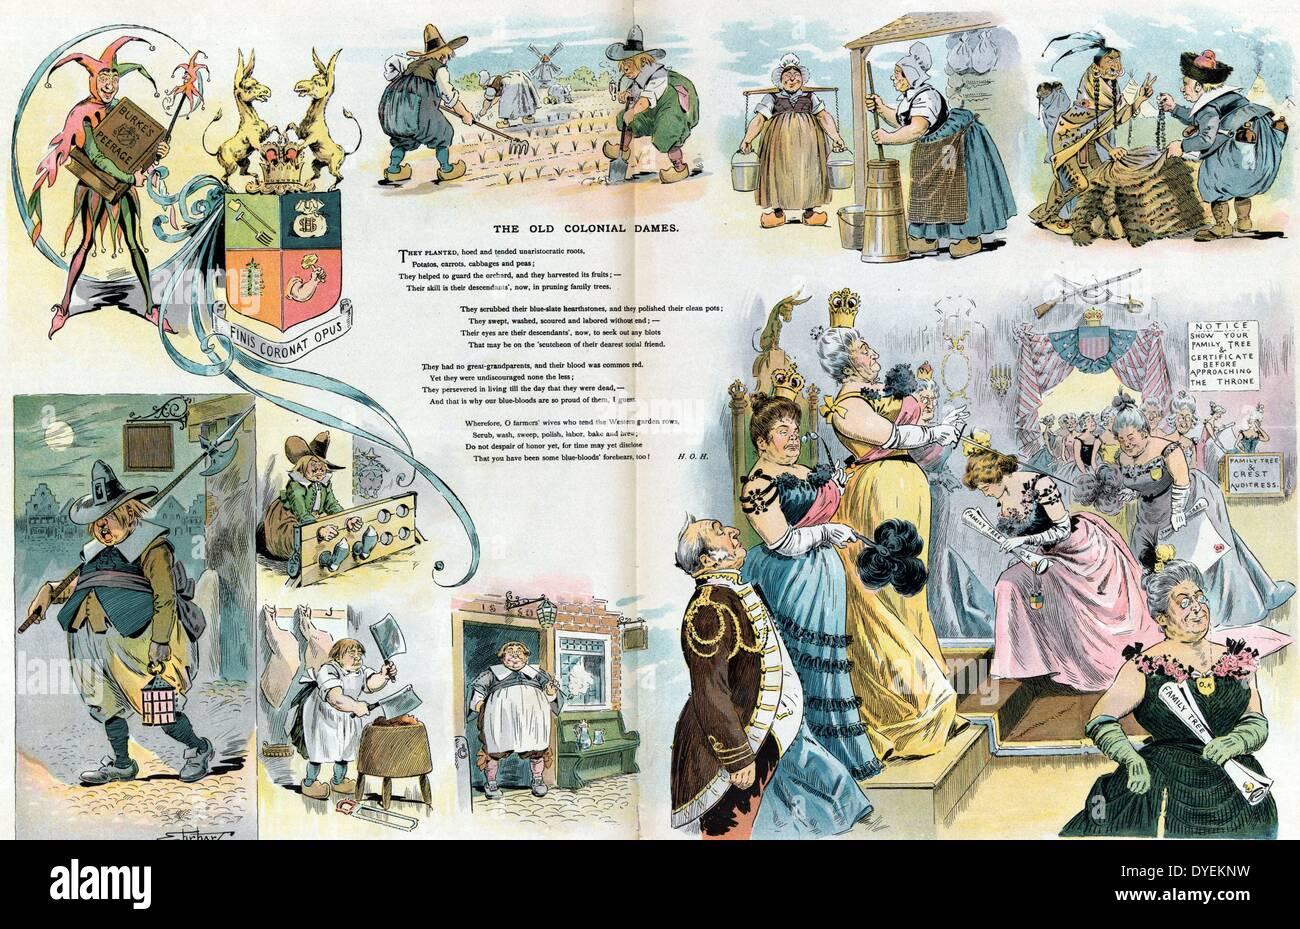 Le scene del periodo coloniale in uomini e donne al lavoro domestico e collare blu faccende Immagini Stock